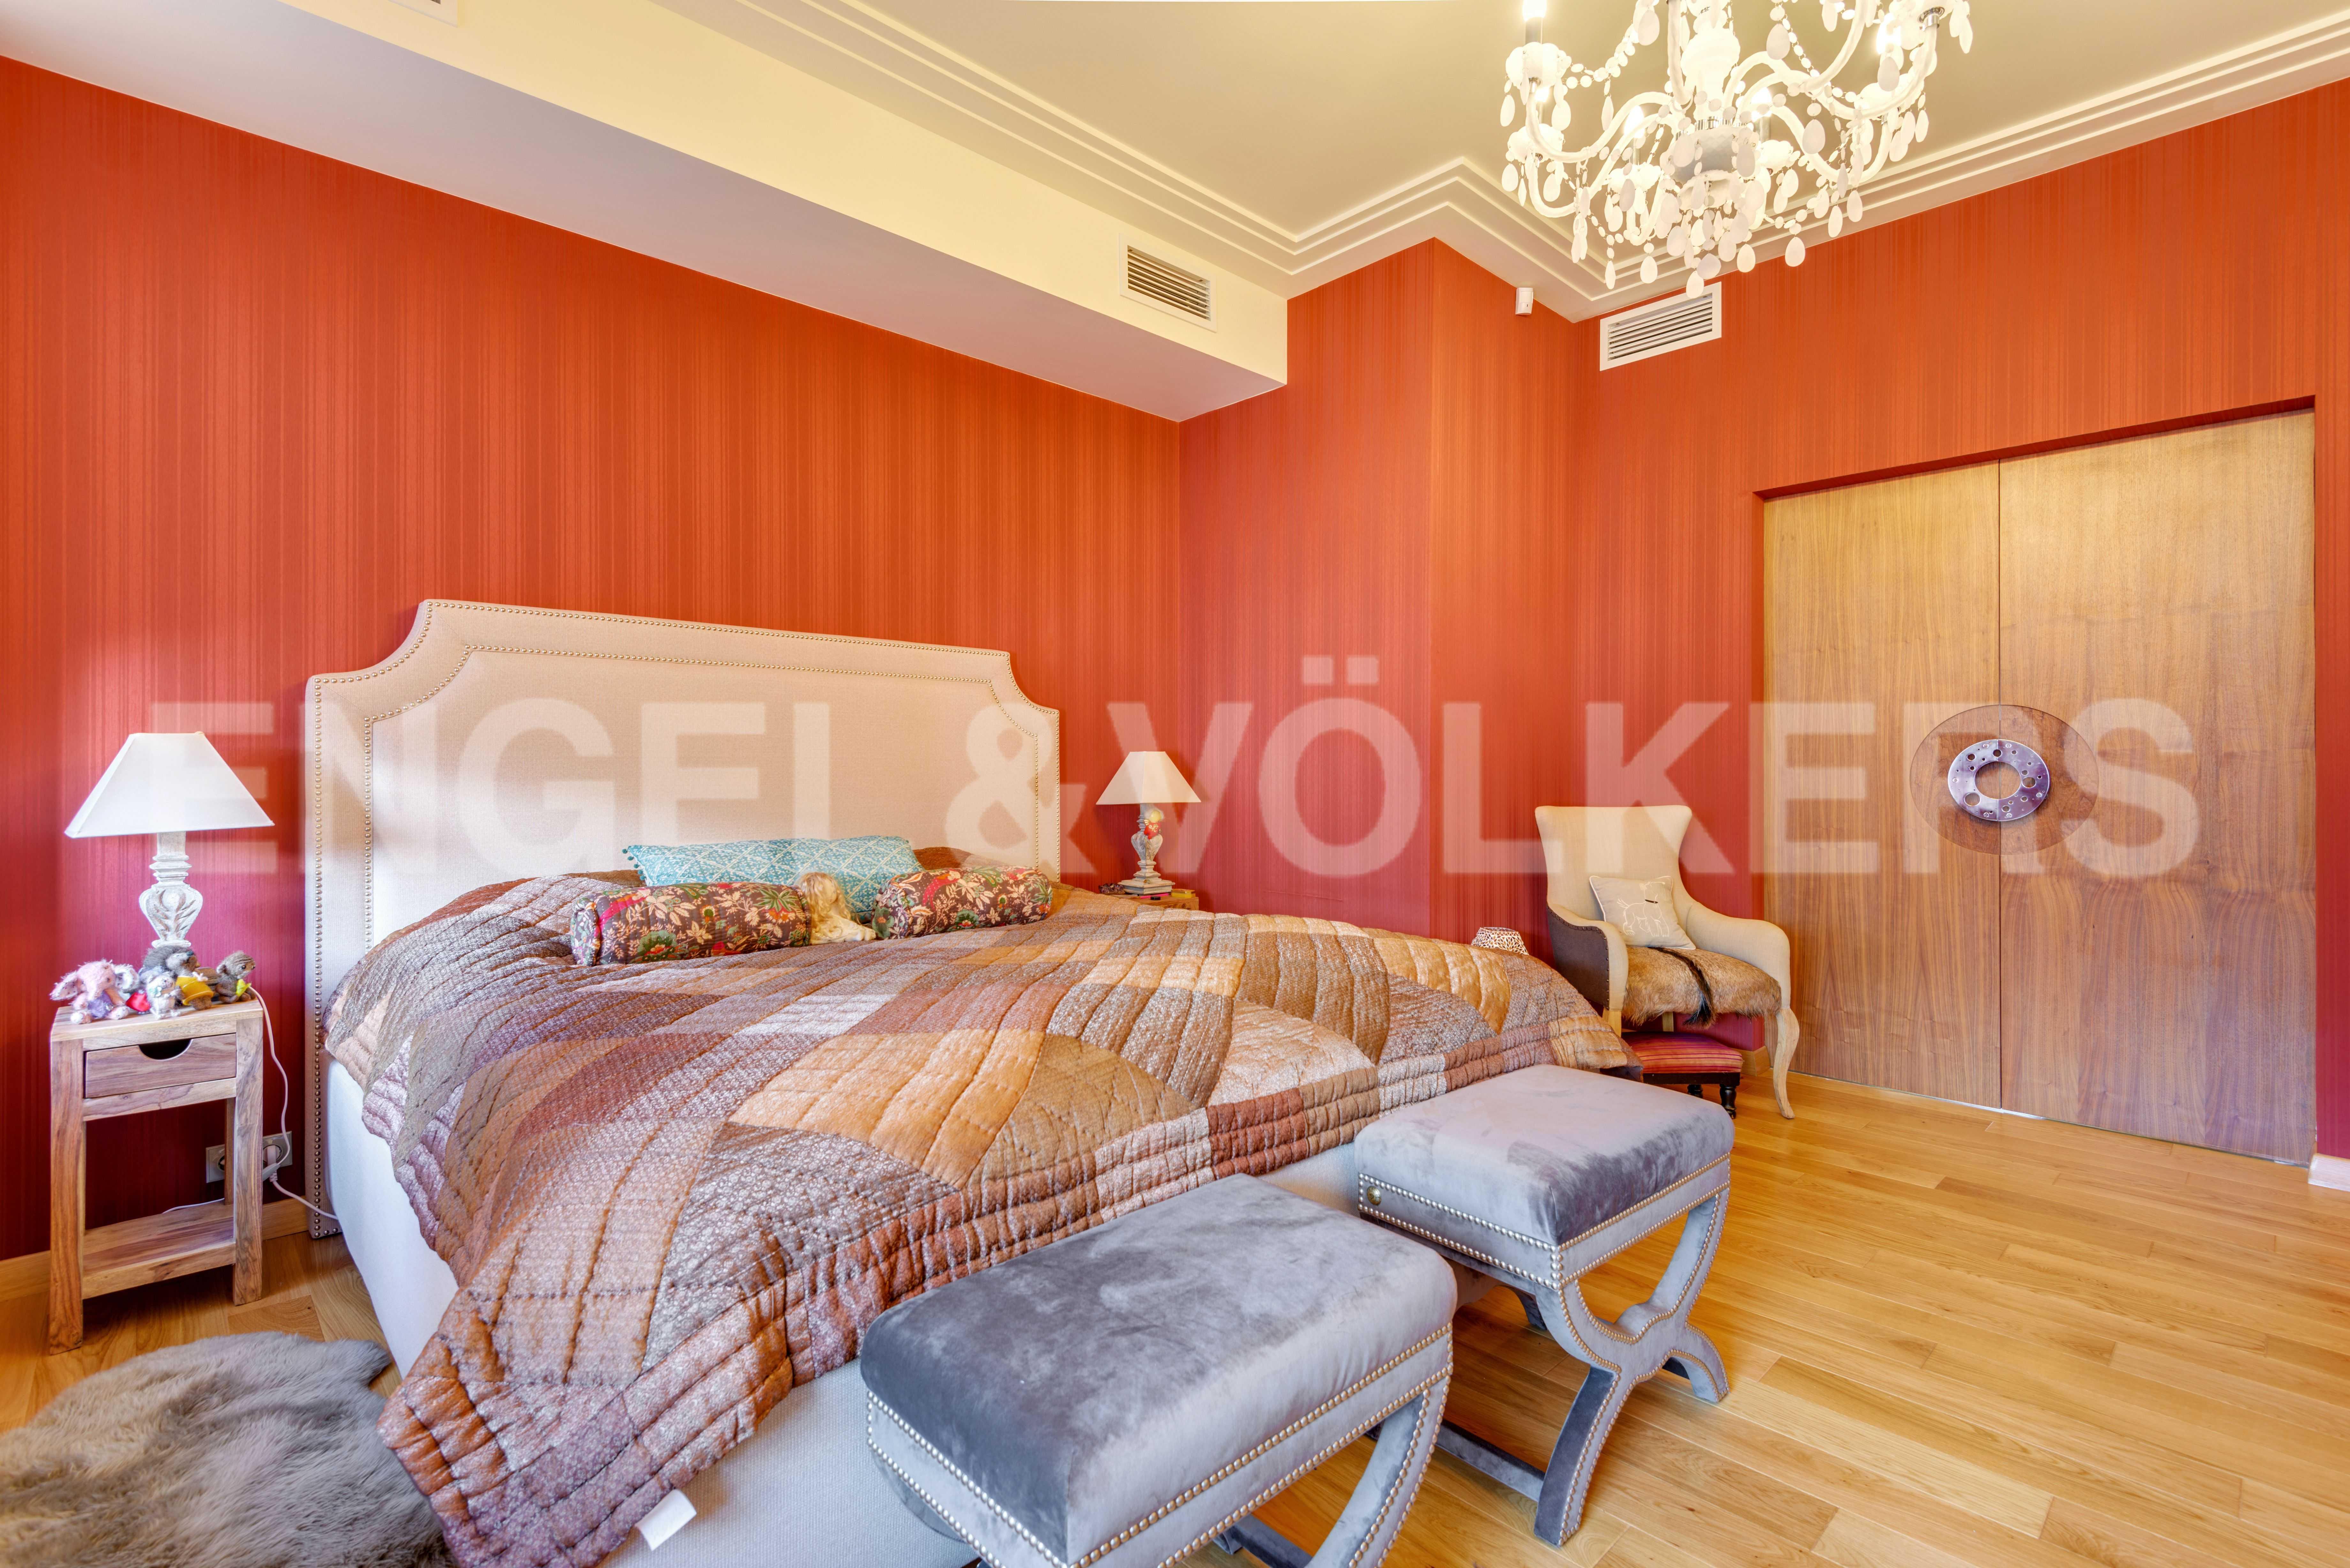 Элитные квартиры в Центральный р-н. Санкт-Петербург, Захарьевская, 16. Основная спальня